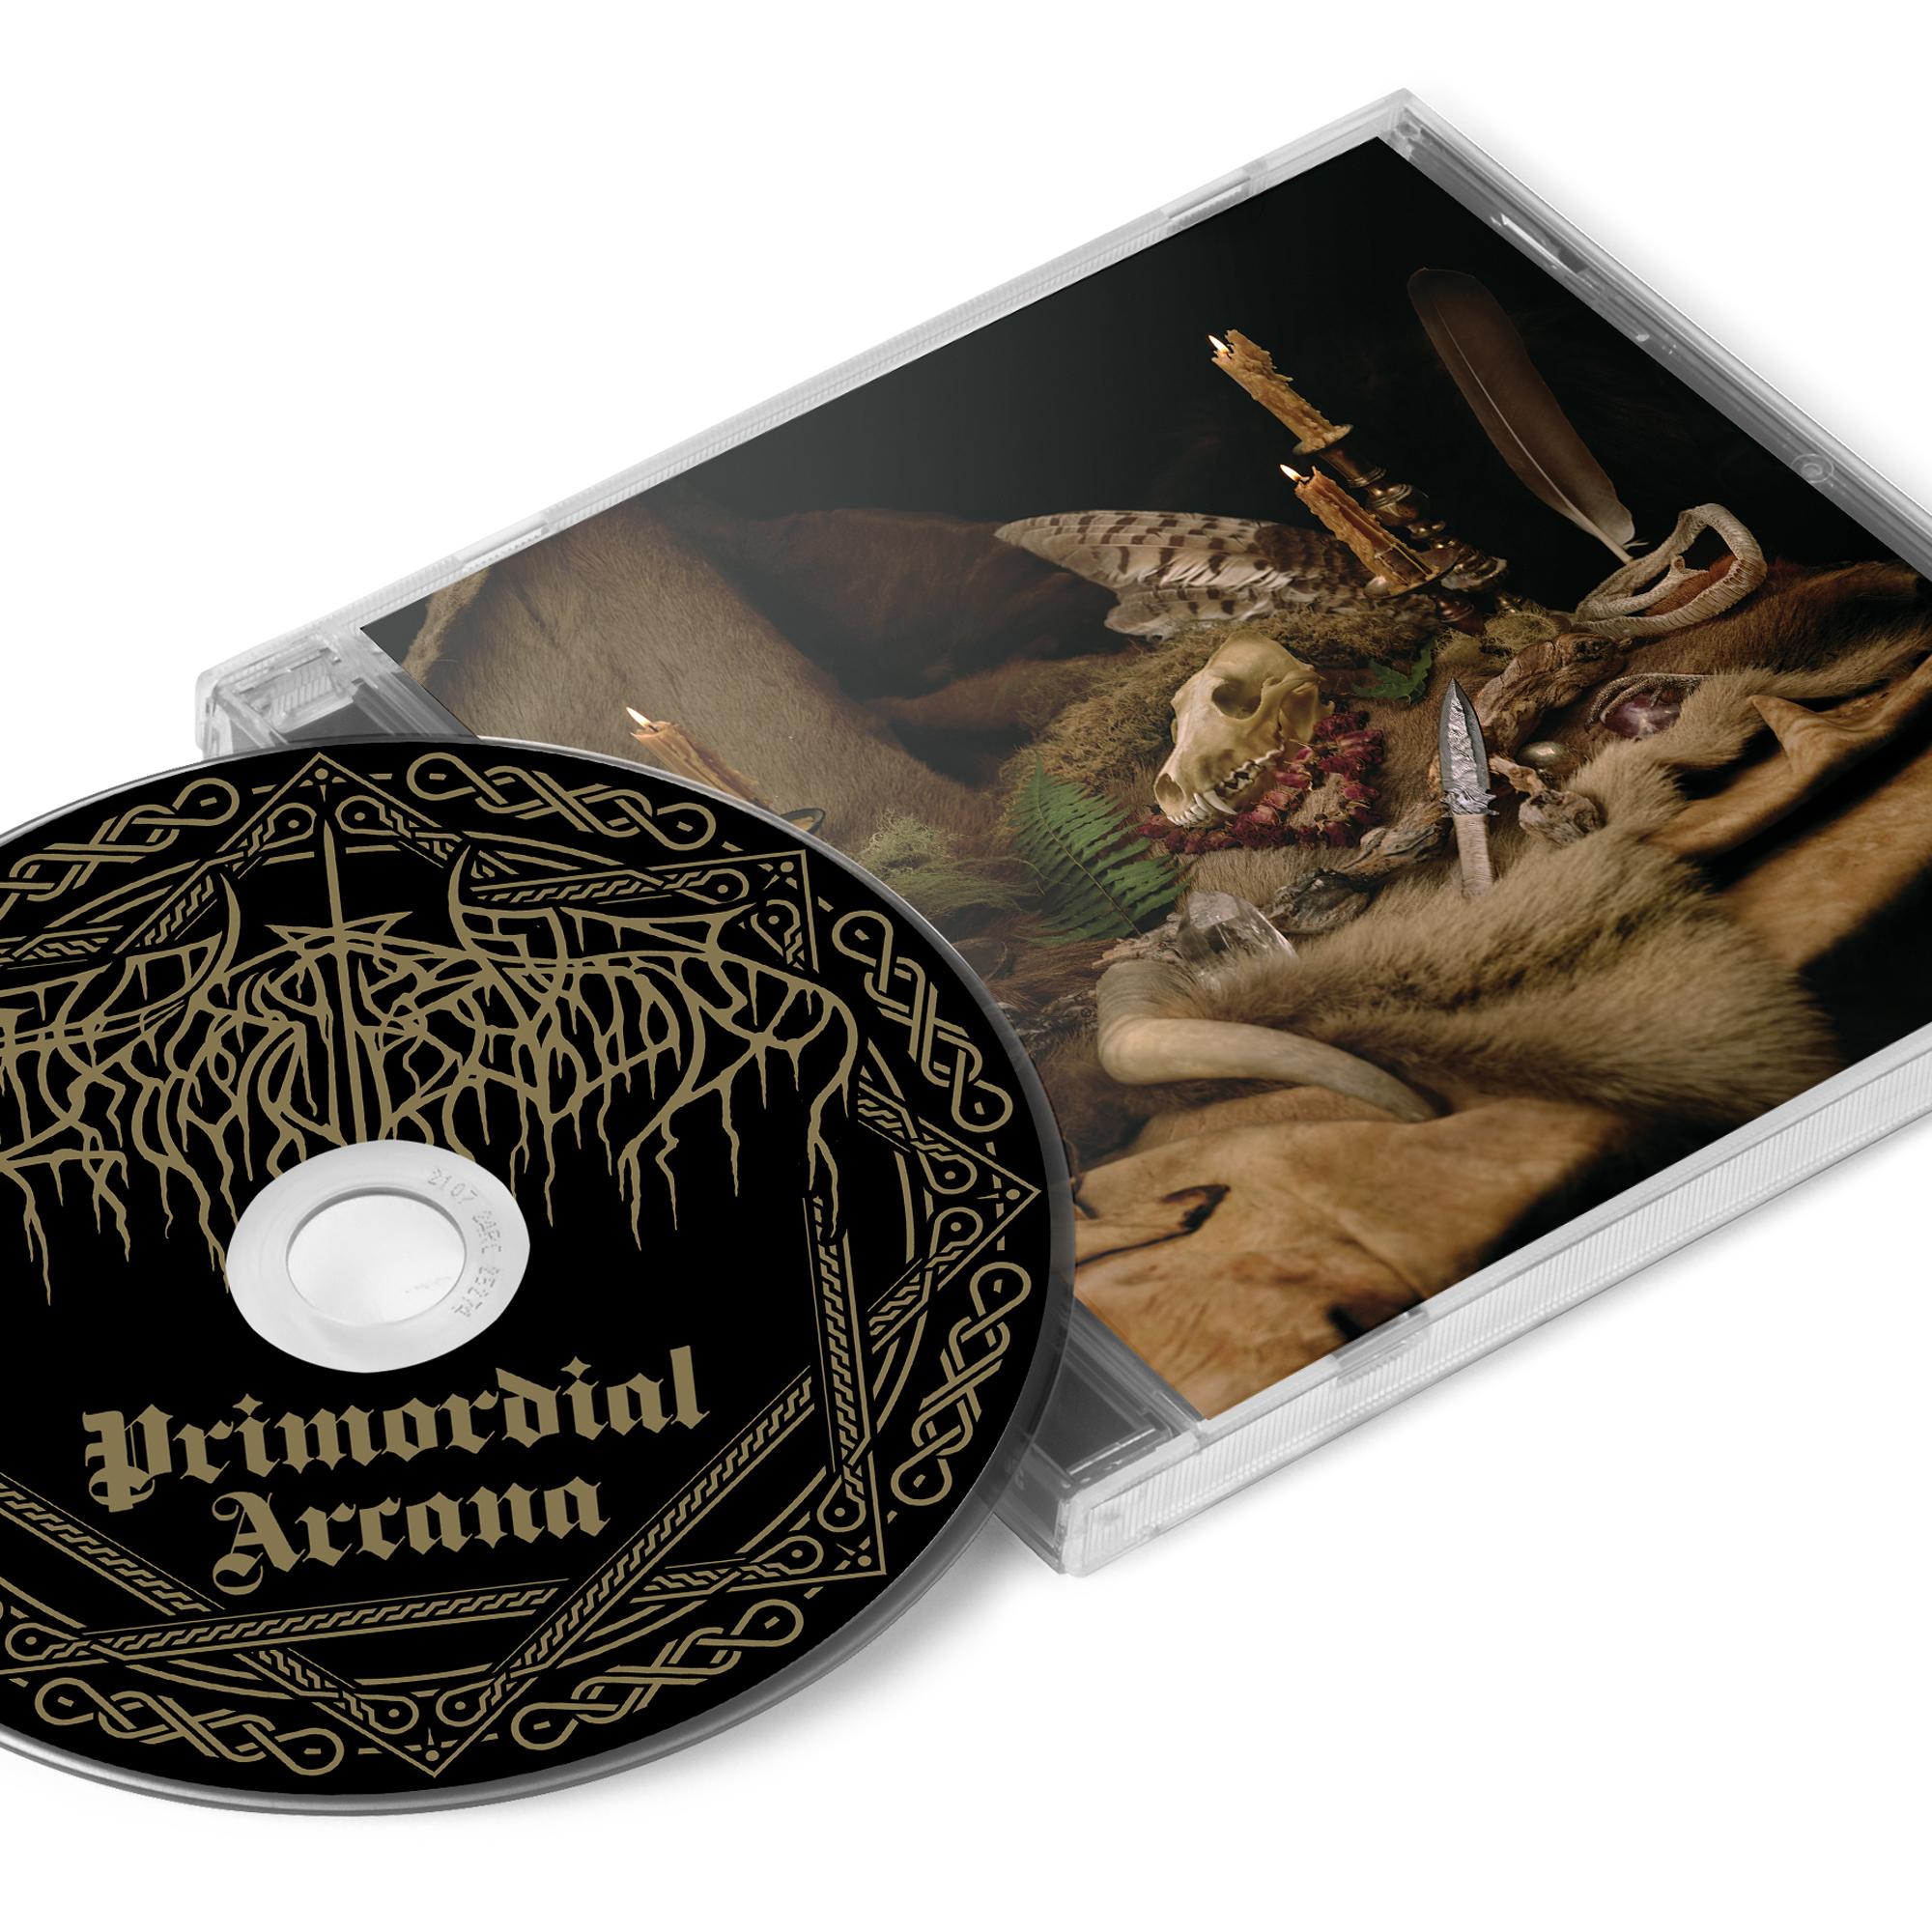 Primordial Arcana Zip Up Hoodie + CD Bundle